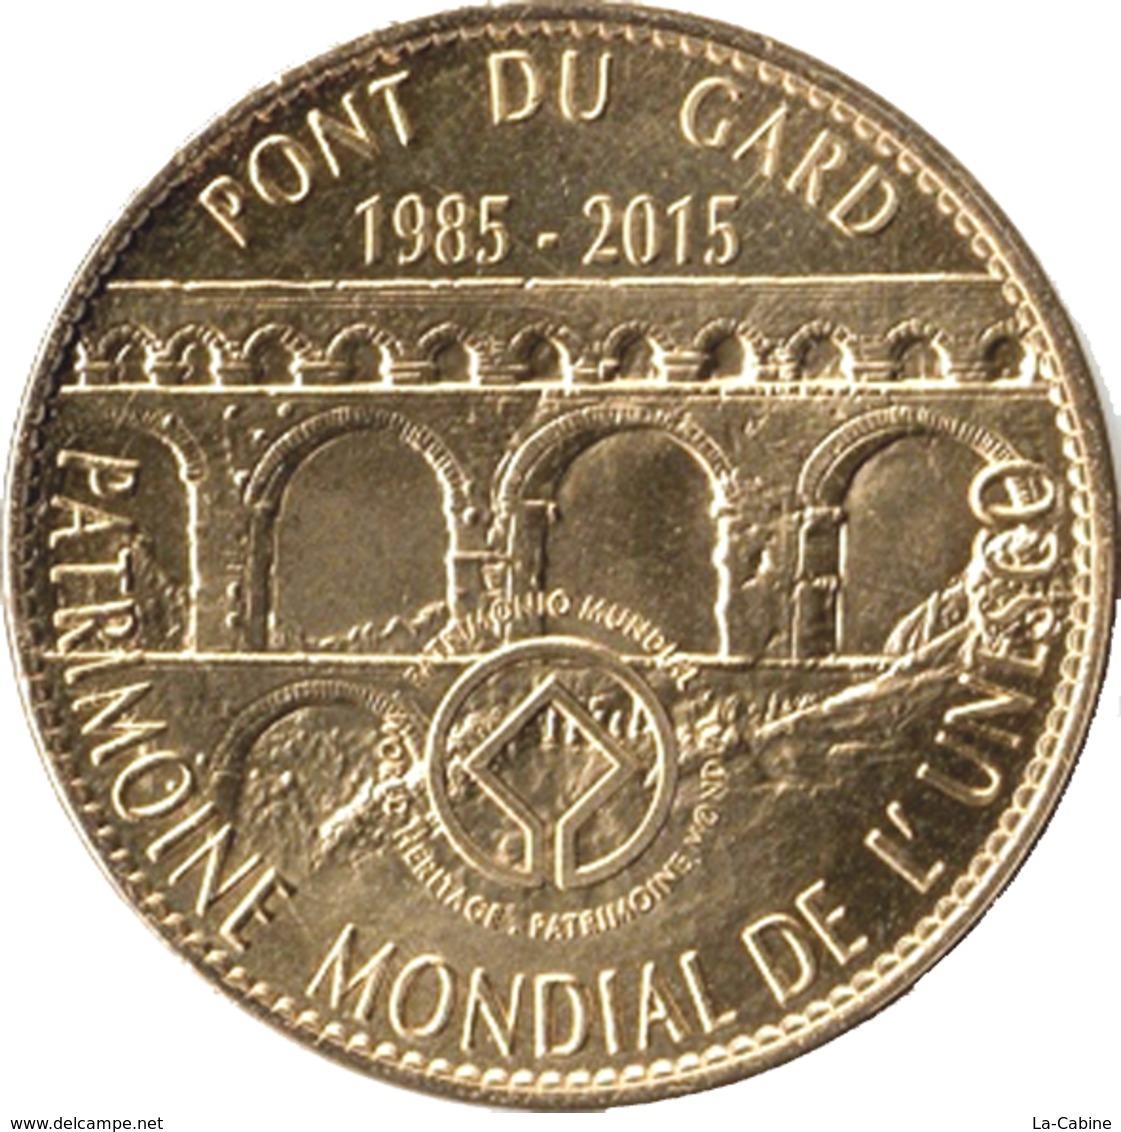 30 VERS PONT DU GARD N°6 UNESCO REVERS OLIVIER MÉDAILLE ARTHUS BERTRAND 2015 JETON TOURISTIQUE MEDALS TOKEN COINS - Arthus Bertrand